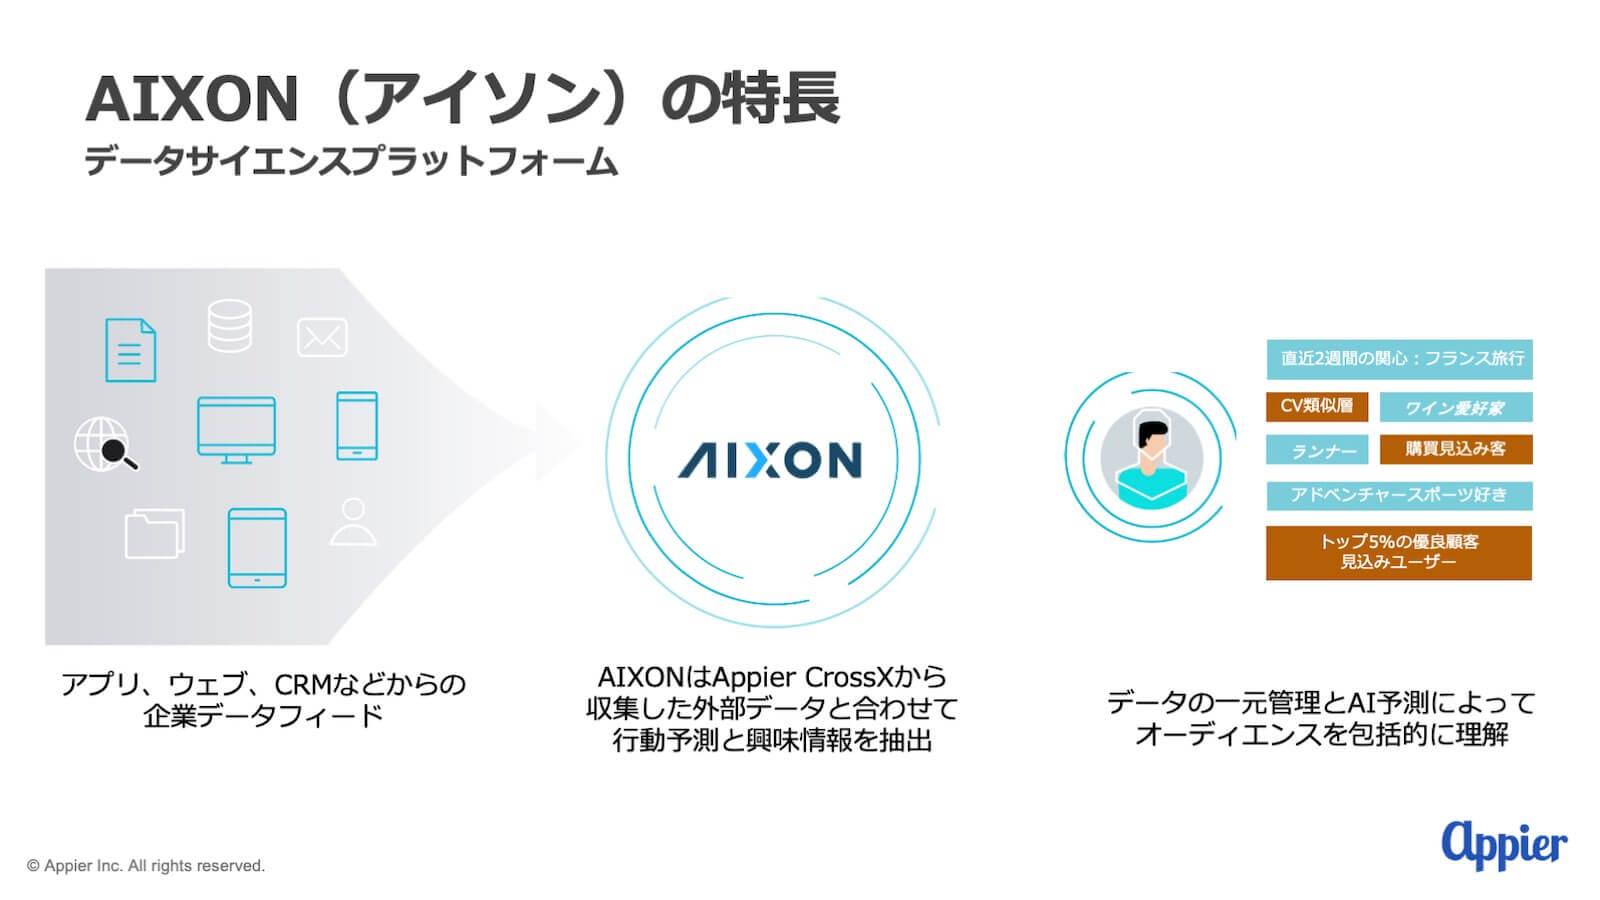 資料:AIXON(アイソン)の特長